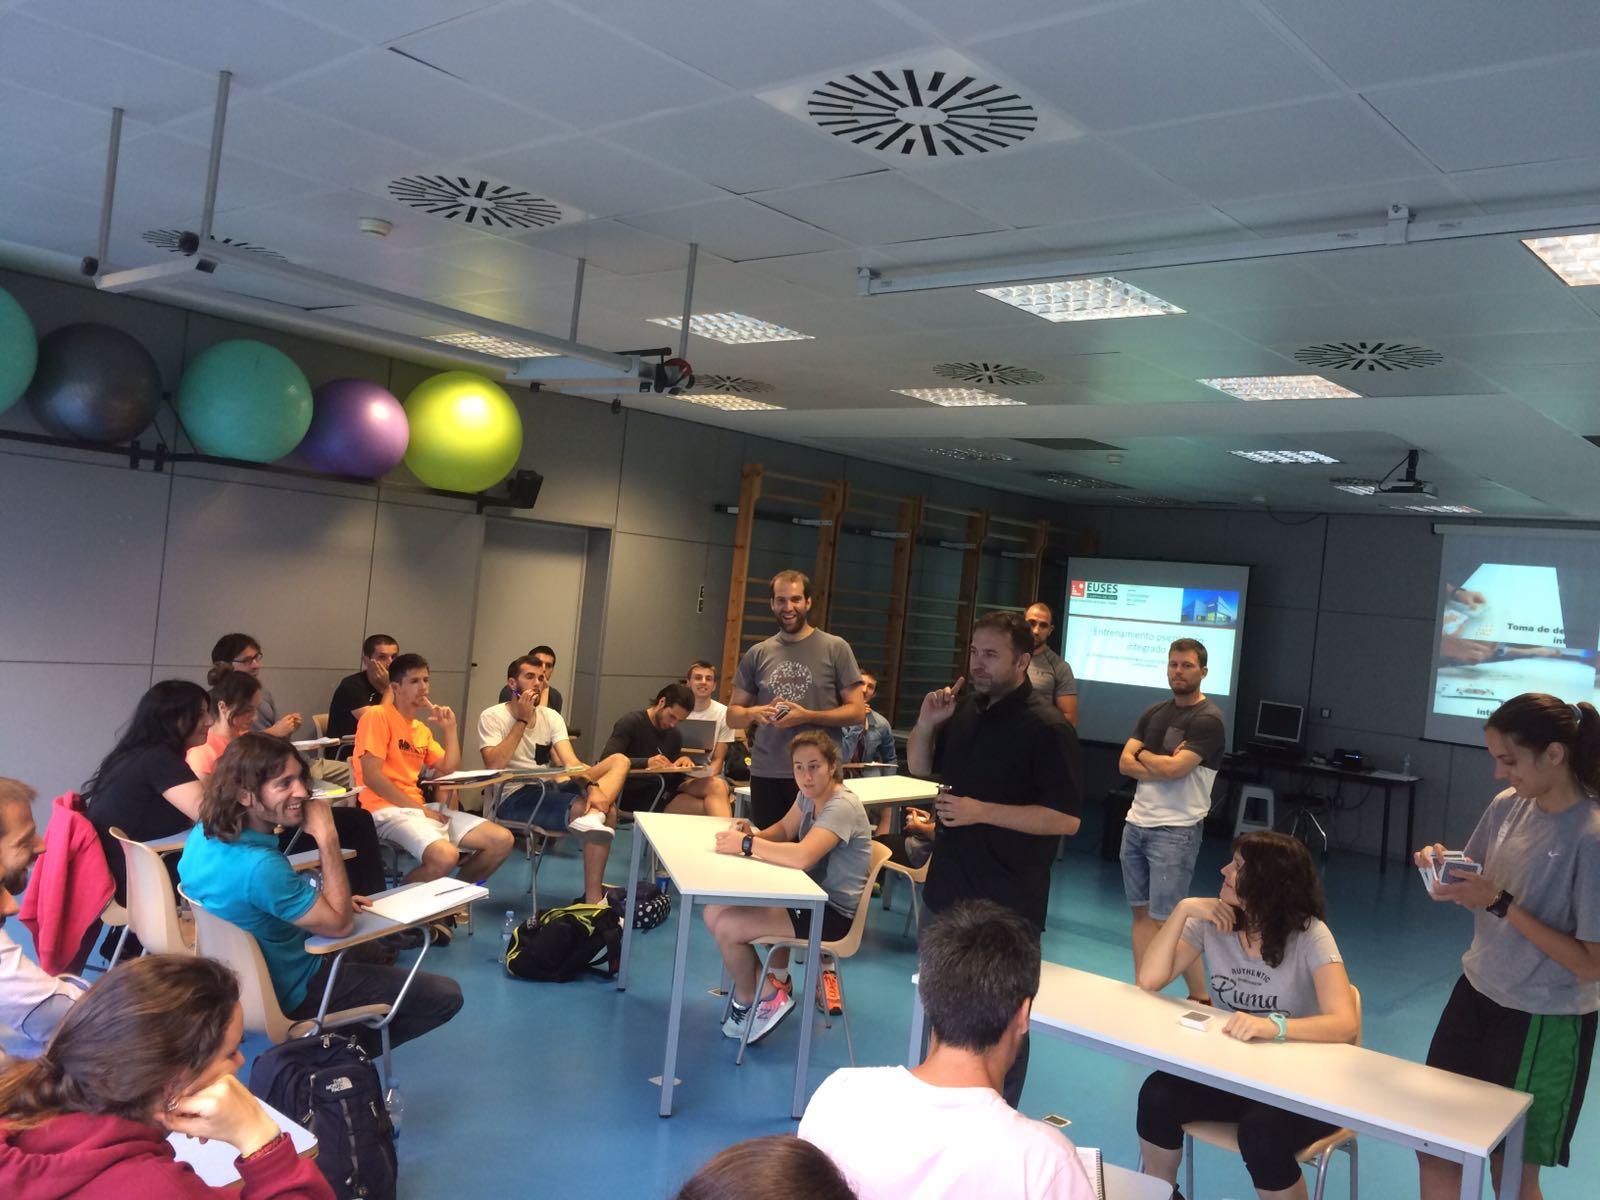 Realitzat a l'Escola Universitària de la Salut i l'Esport el Taller d'Entrenament Psicològic Integrat impartit pels professors Dr. Alexander Latinjak i Jordi Vicens